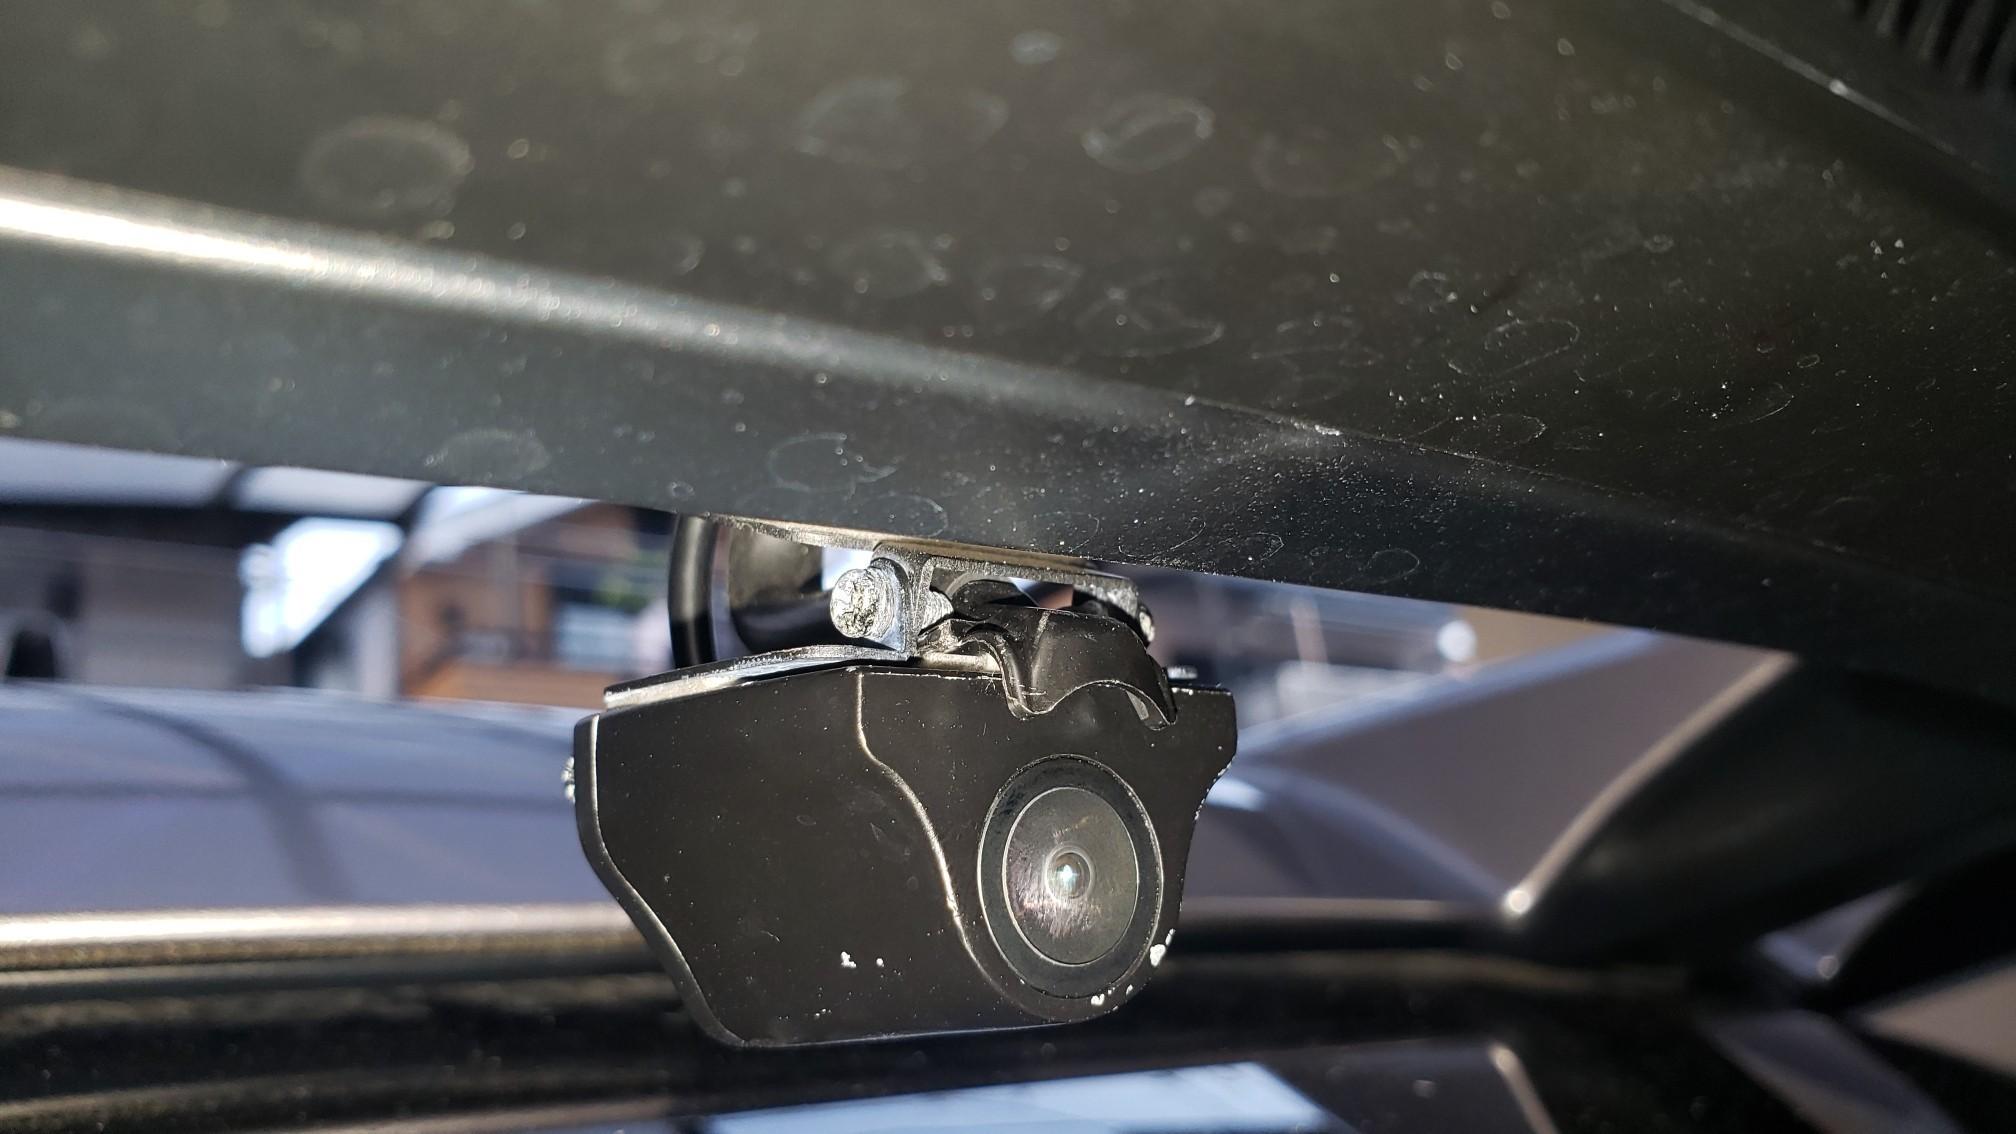 インナーミラーカメラ 水滴クリーナー